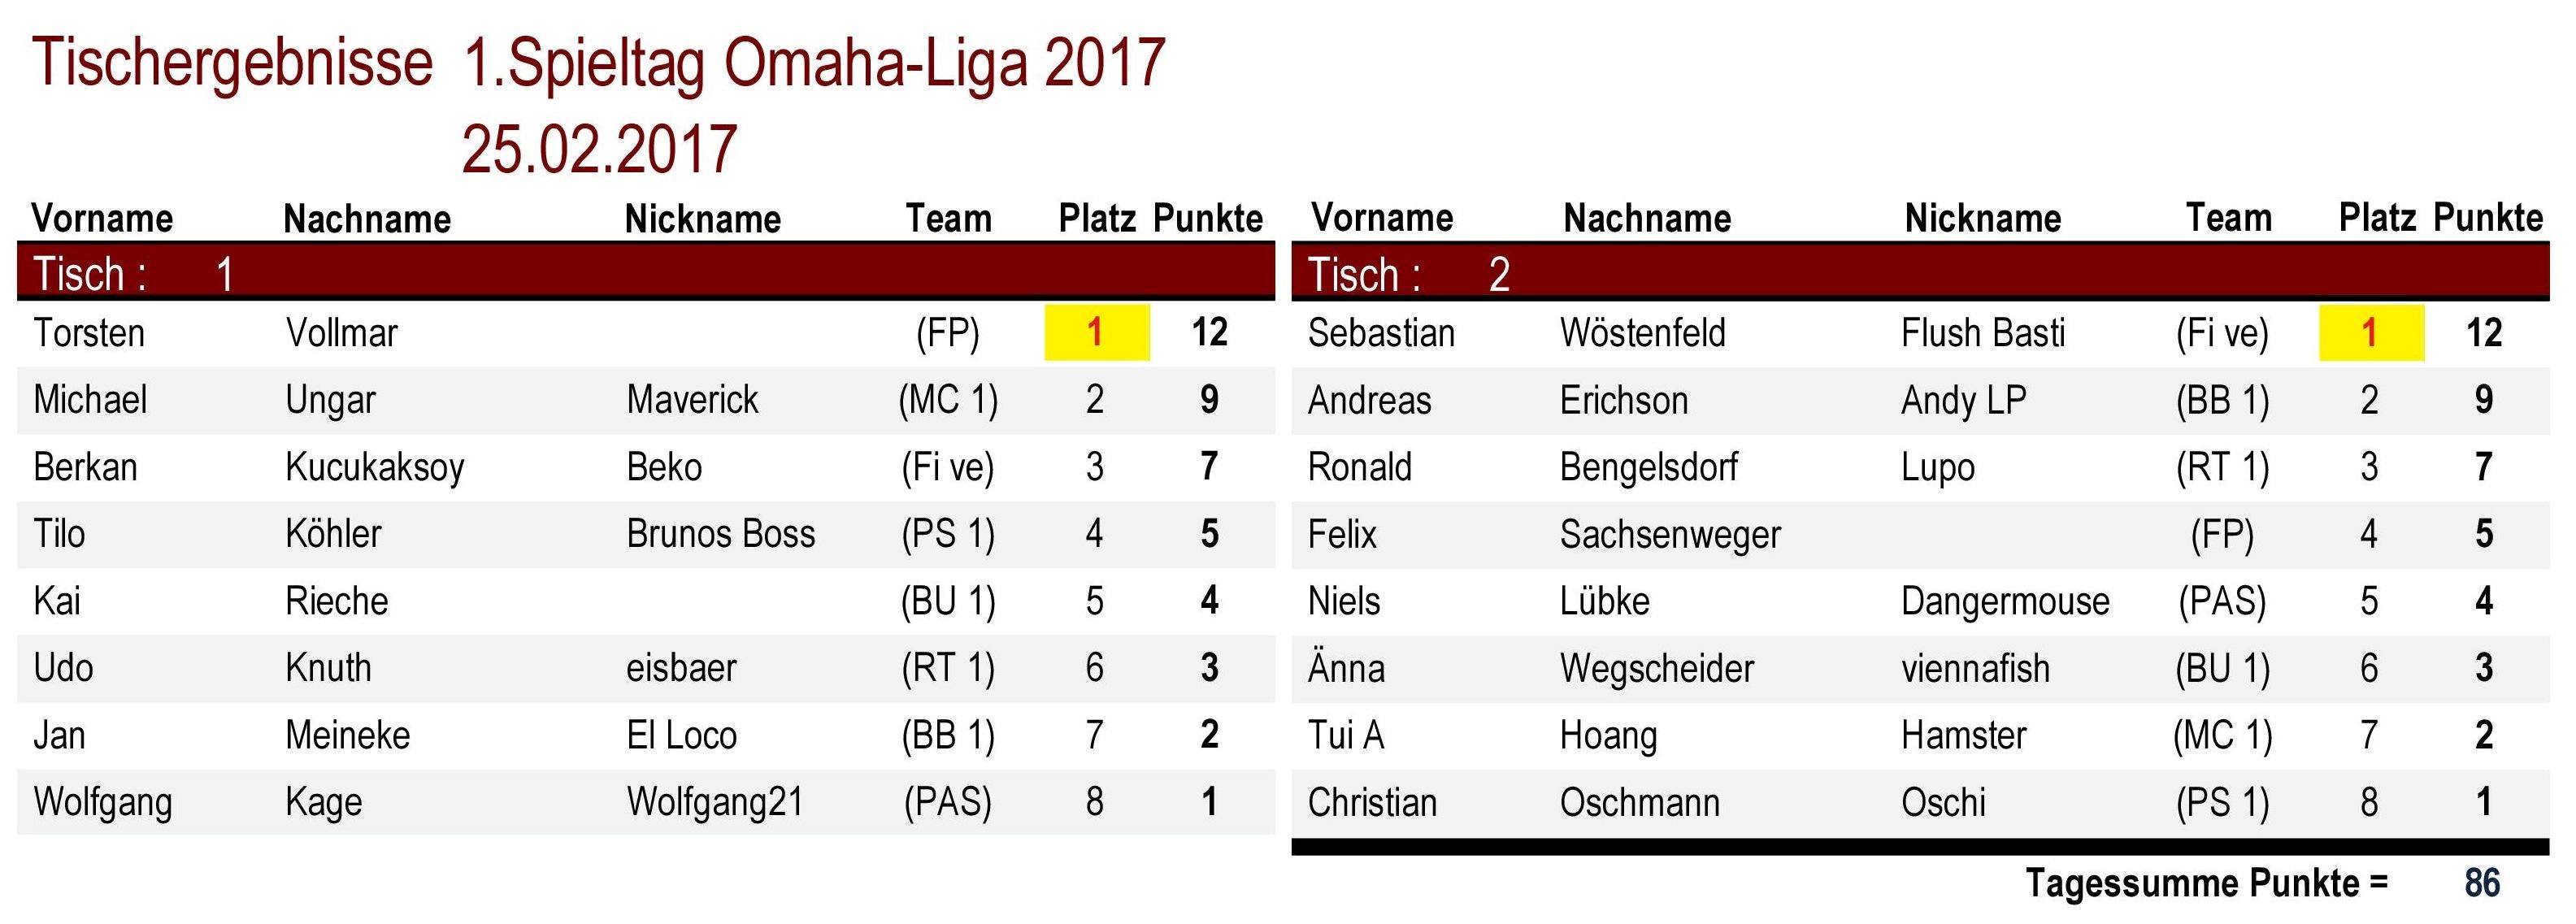 Tischergebnisse Omaha-Liga 1.Spieltag 2017